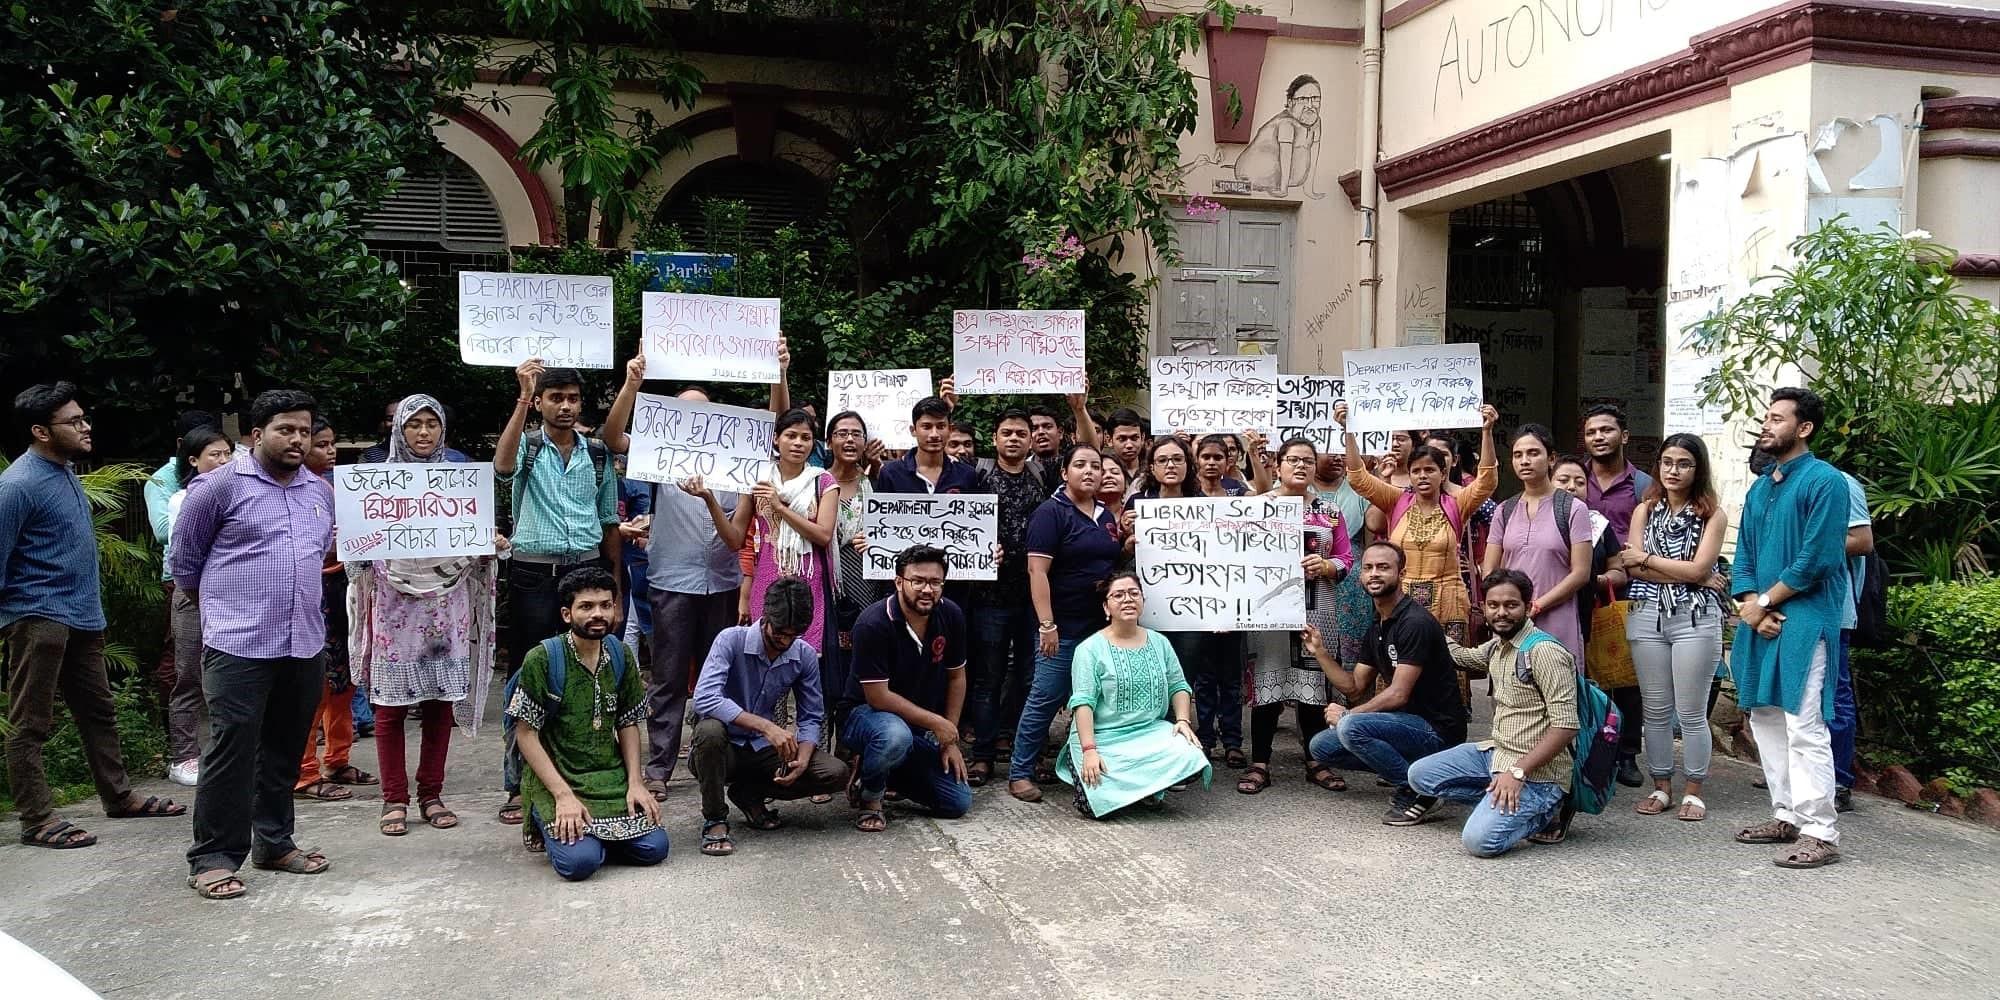 যাদবপুর বিশ্ববিদ্যালয় গ্রন্থাগার বিজ্ঞান বিভাগের শিক্ষার্থীদের বিক্ষোভ